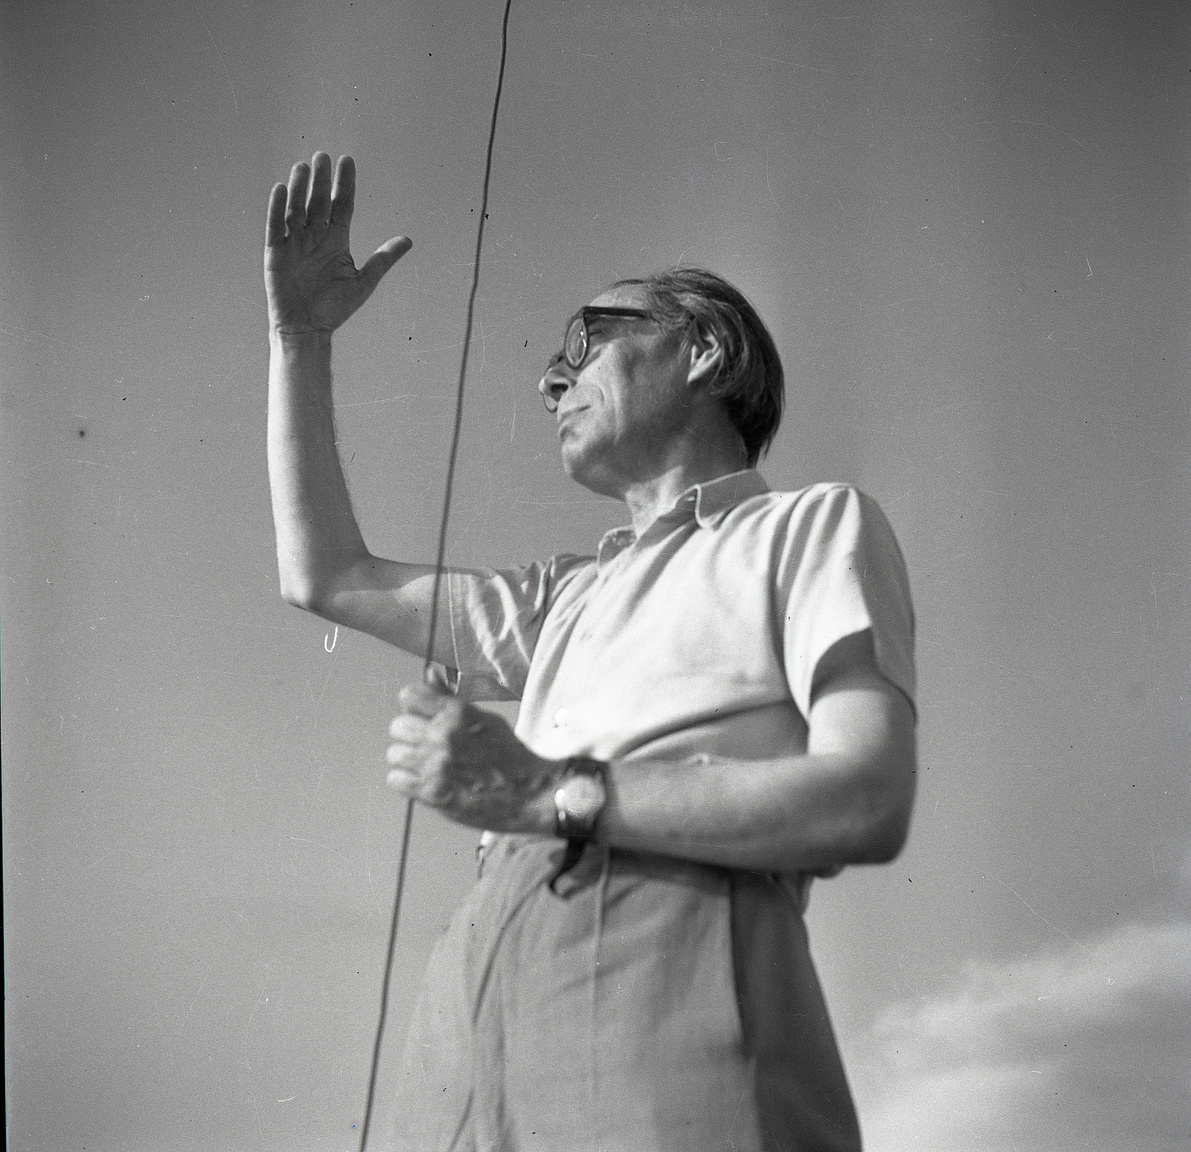 Szabó Lőrinc az Addio III. fedélzetén, 1954A fotót készítő Lipták és Szabó Lőrinc jóbarátok voltak. Ehhez hozzá tartozott, hogy Szabó Lőrinc több kéziratát is a füredi házigazdának ajándékozta, meg az is, hogy reggelente elkísérte borotválkozni a fürdőszobába, hogy a lecsapott klozetfedélen trónolva ecsetelje Baudelaire költészetét.